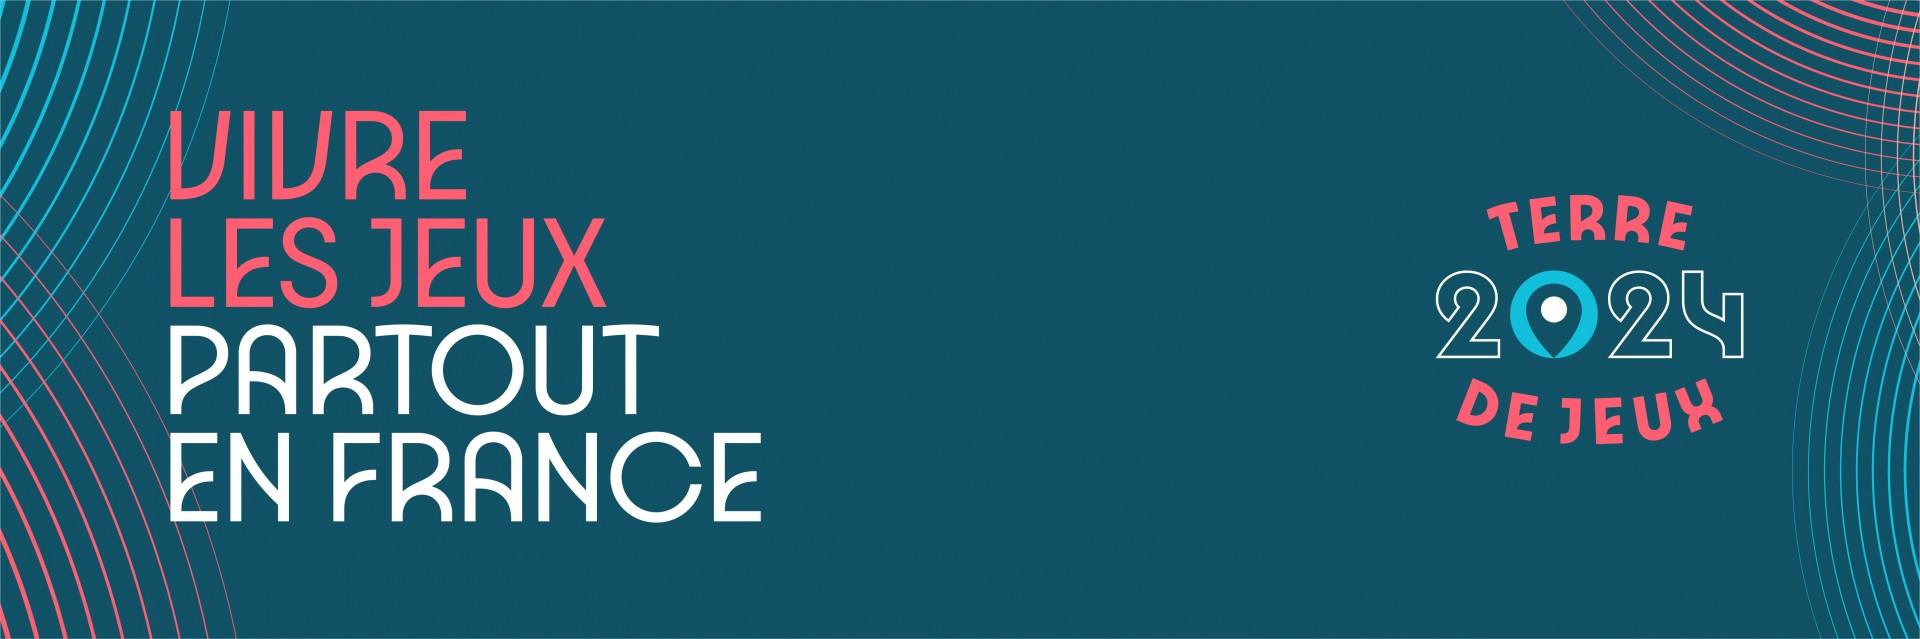 terre-de-jeux-2024-bandeau-fond-bleu-2-8209